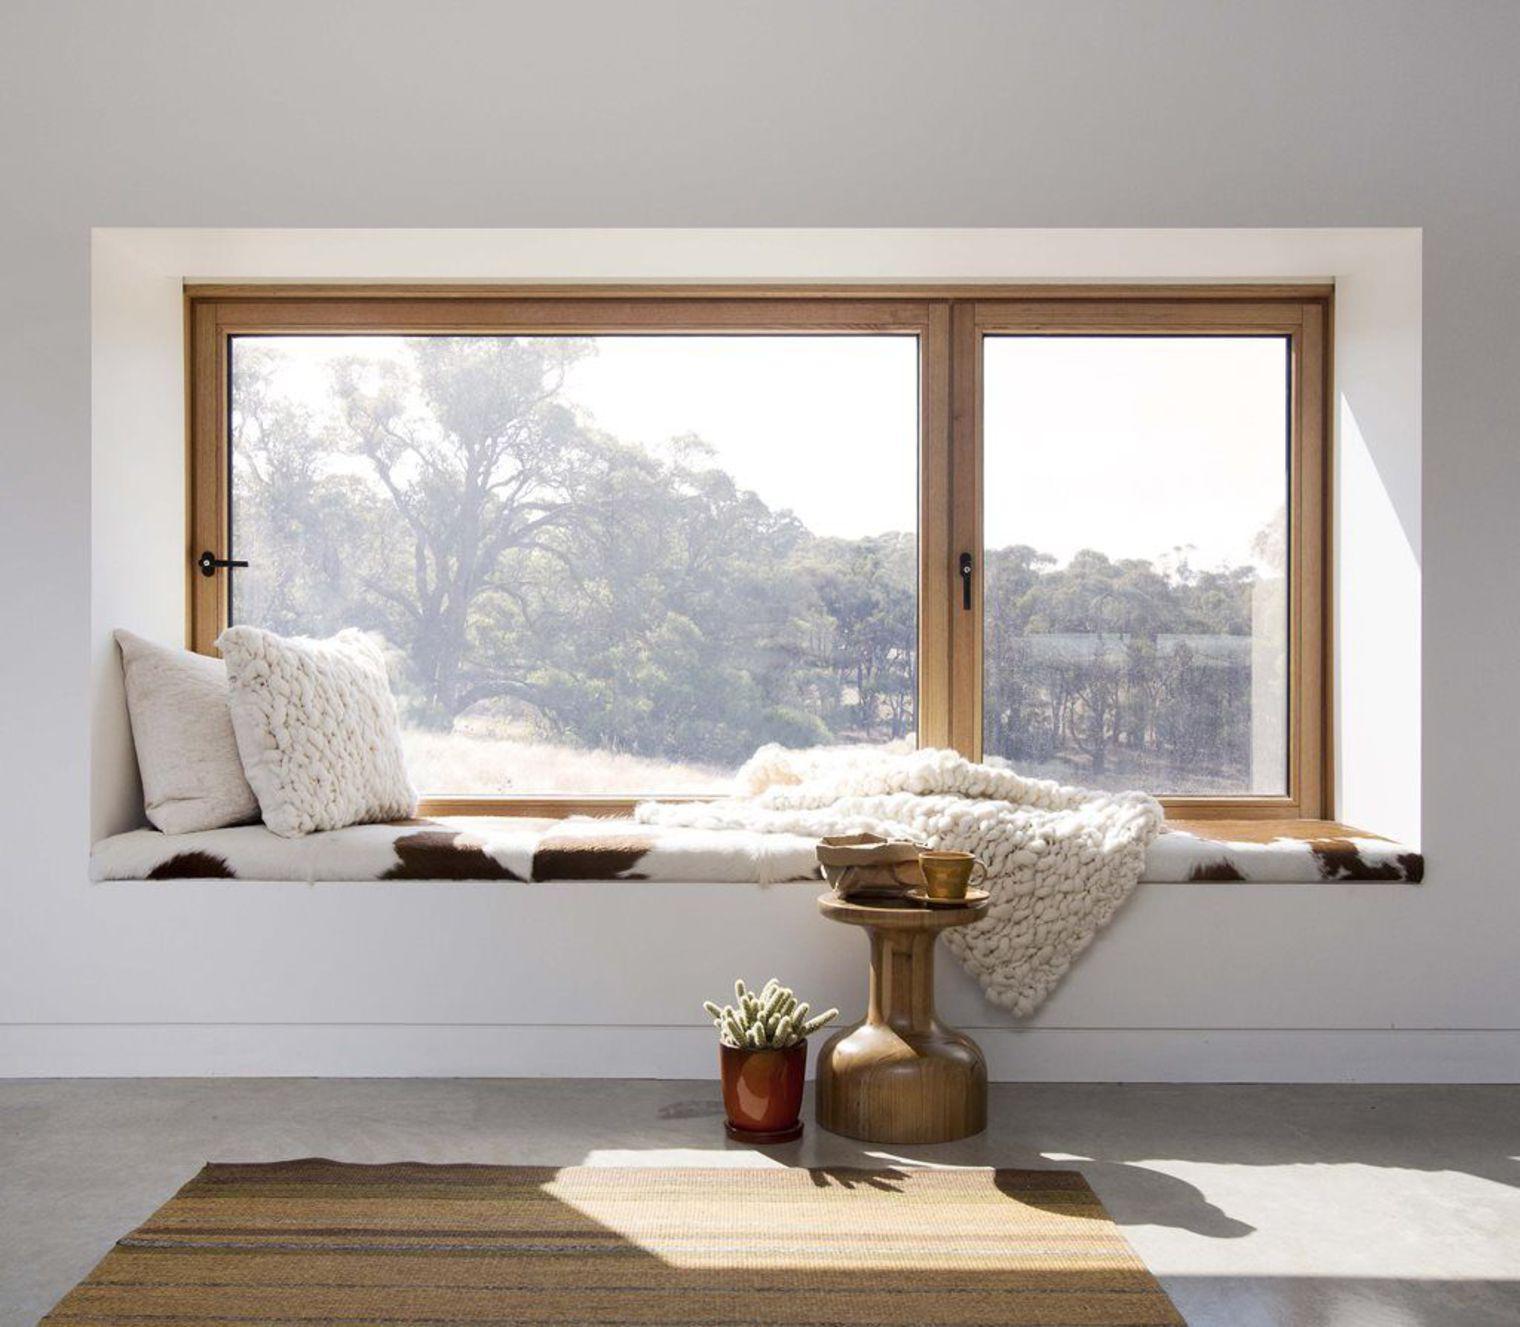 12 astuces pour décorer avec brio les rebords de fenêtres